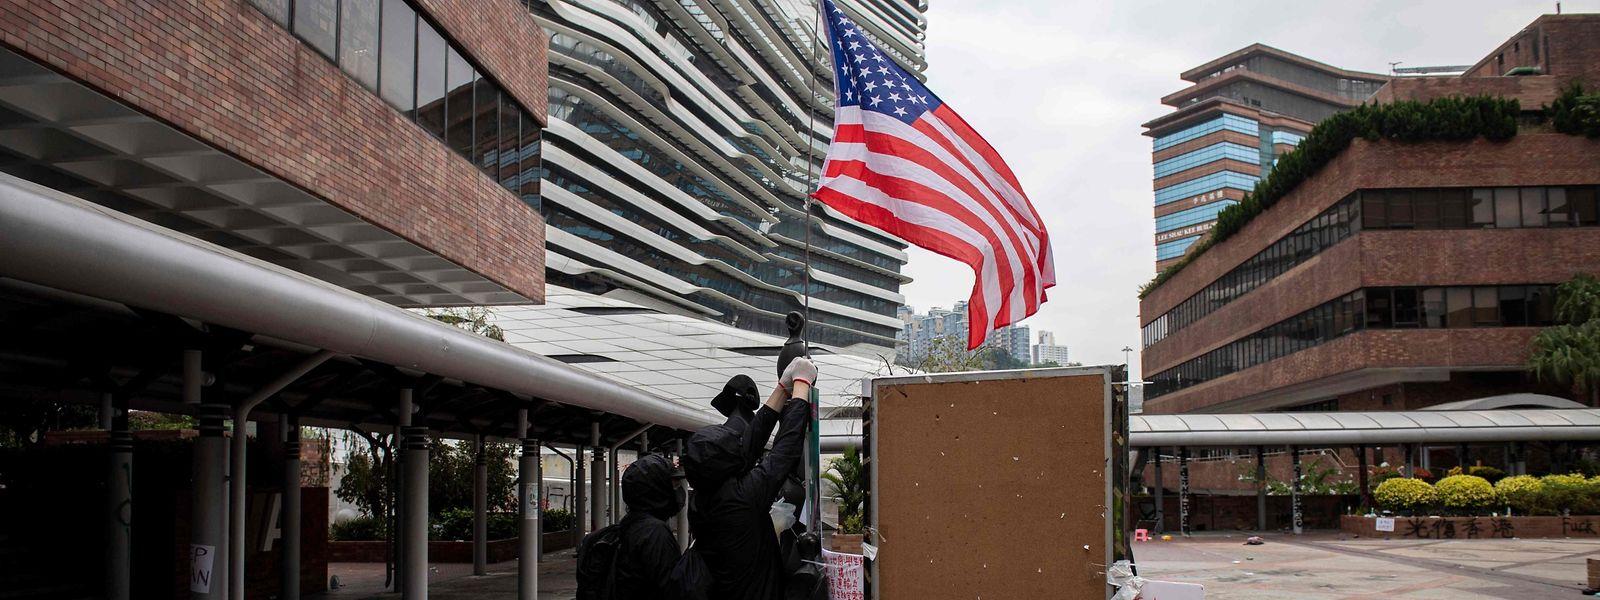 Demonstranten auf dem Campus der Hongkong Polytechnic University hissen eine US-Flagge.